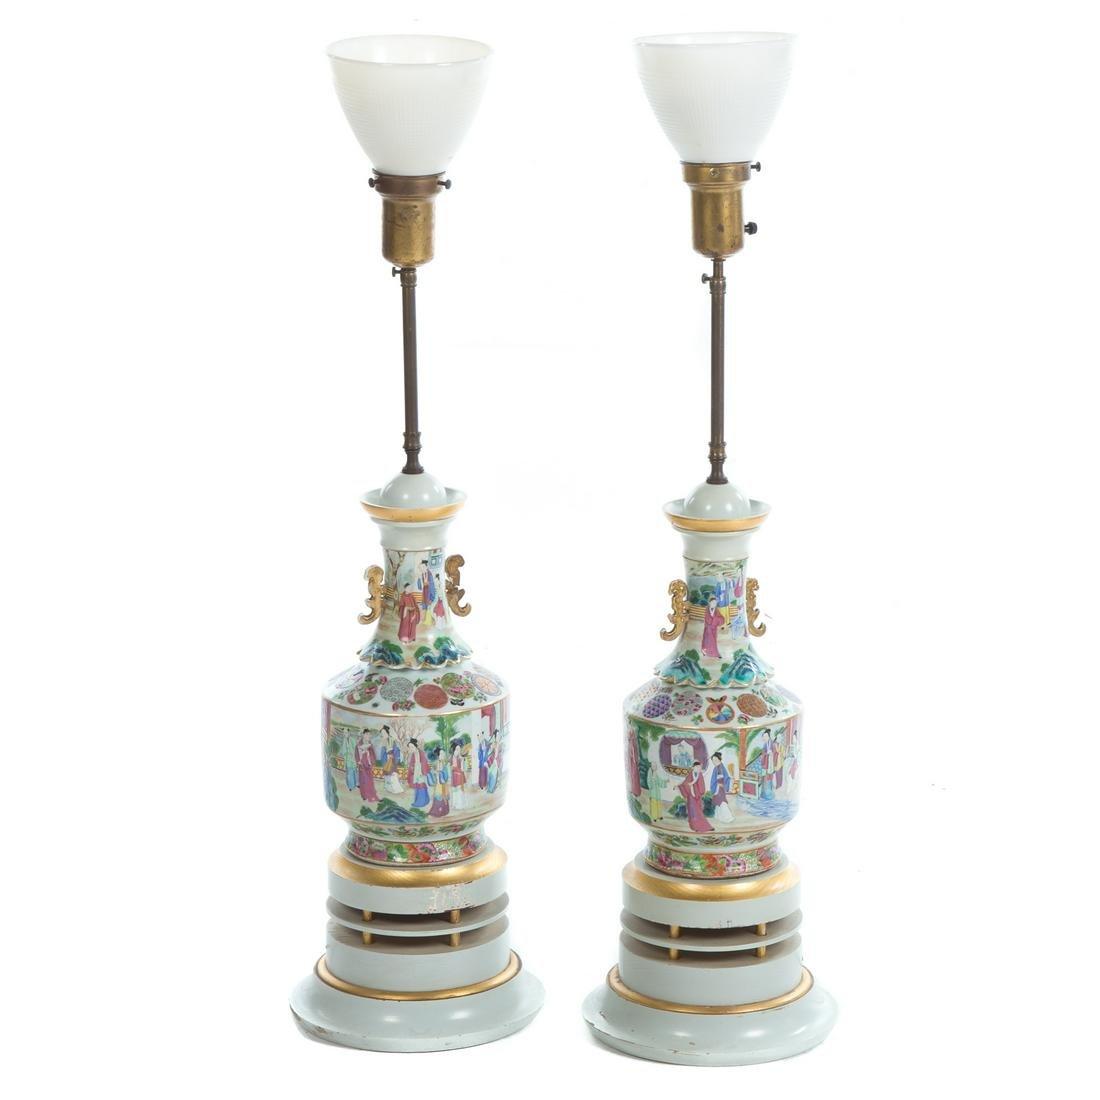 Pair of Chinese Export Rose Mandarin Vase Lamps